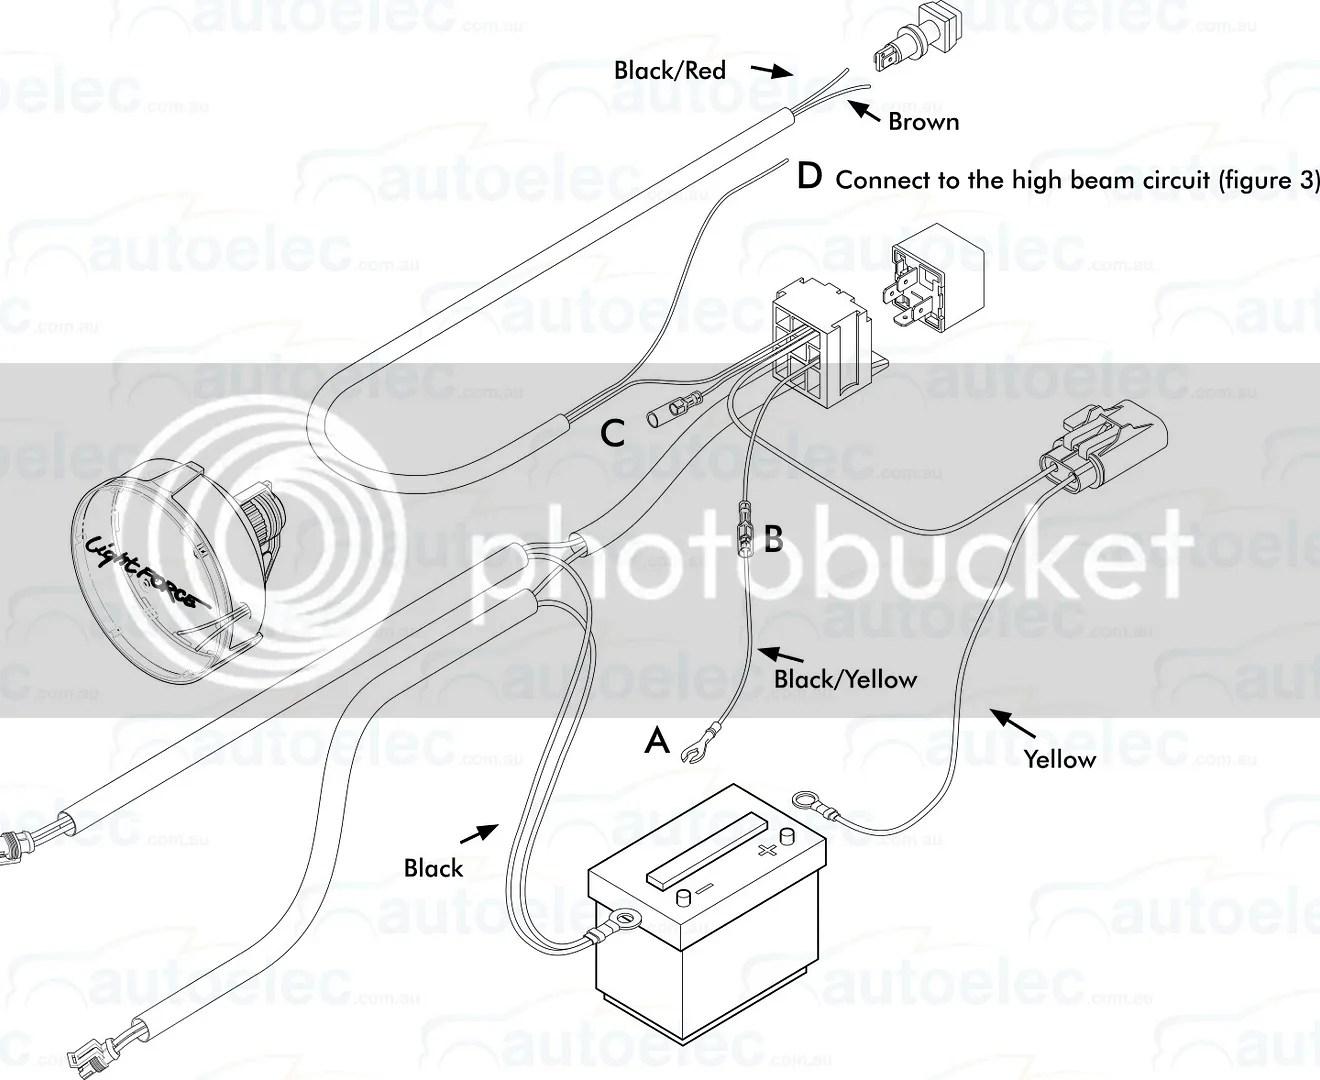 narva wiring diagram driving lights 3 chambered heart genuine lightforce 240 xgt 100w watt x2